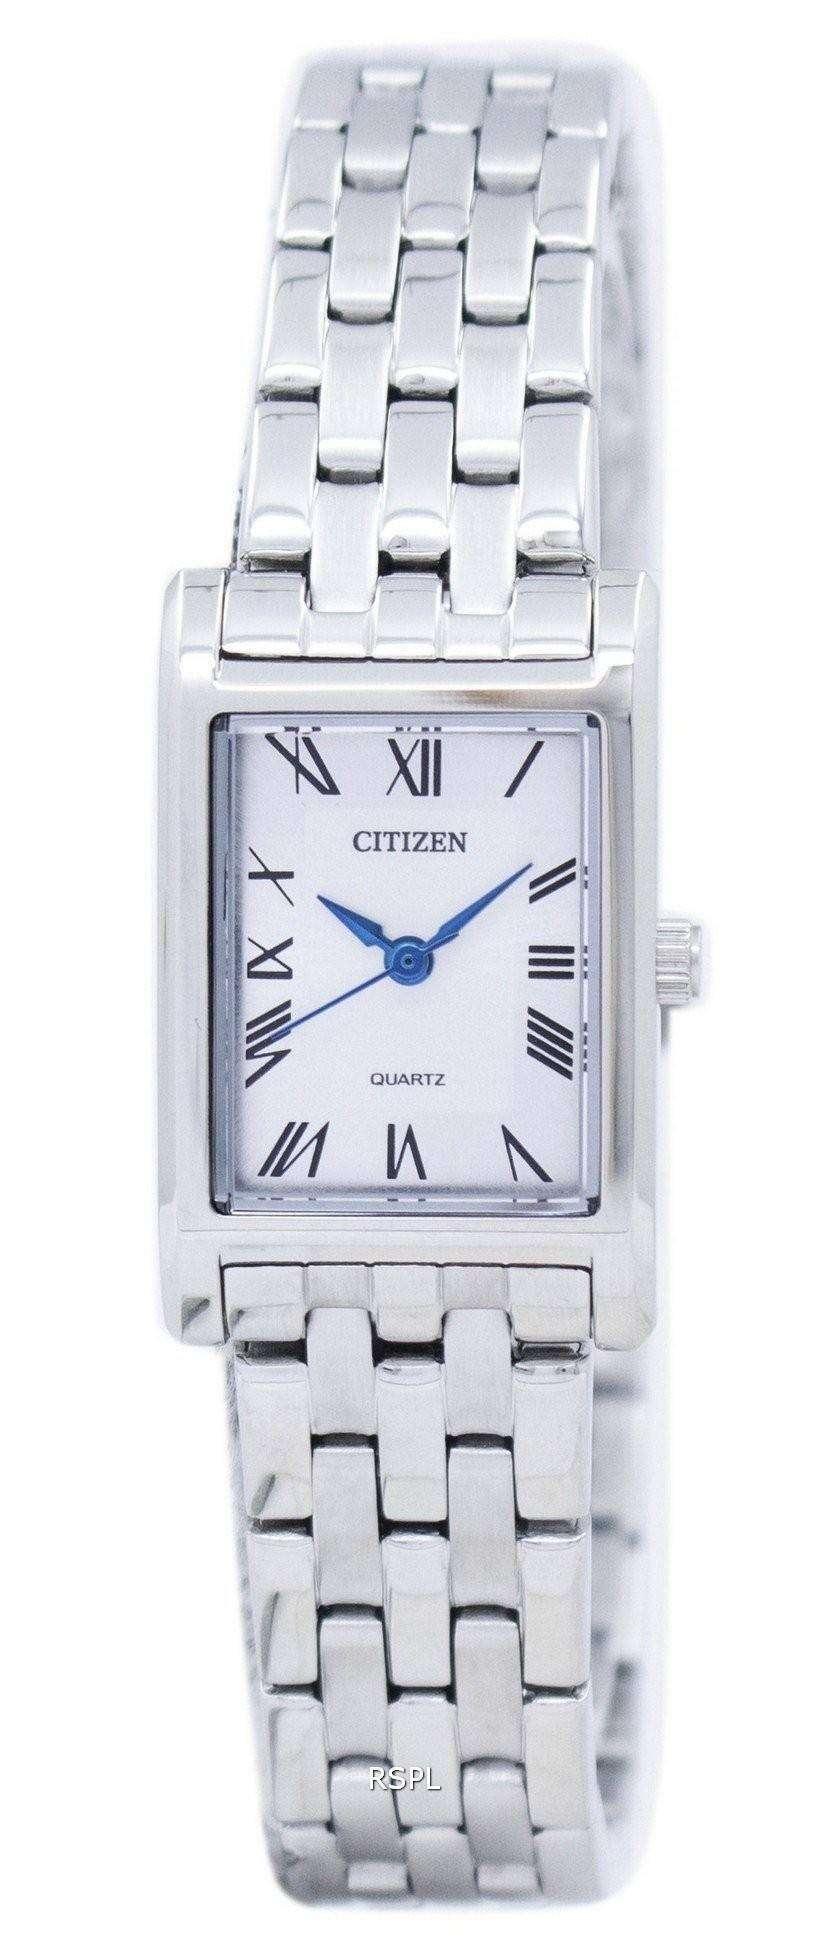 シチズンクォーツ アナログ EJ6120 54 a レディース腕時計